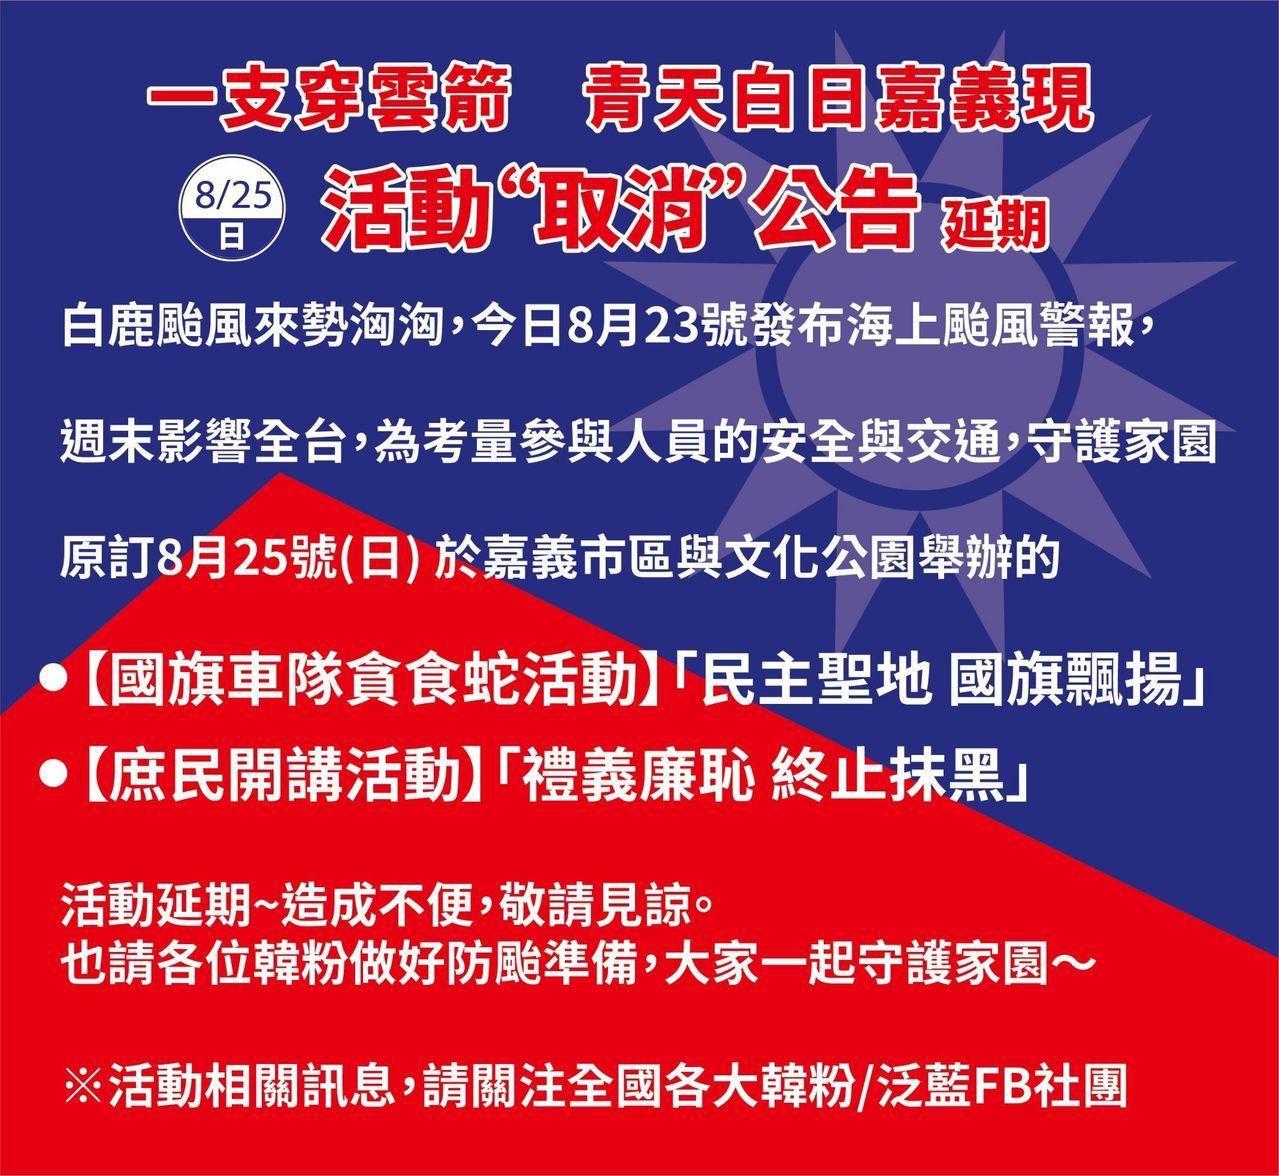 嘉義韓粉原定25日在嘉義市發起挺韓活動也宣布延期。圖/魏志軒提供